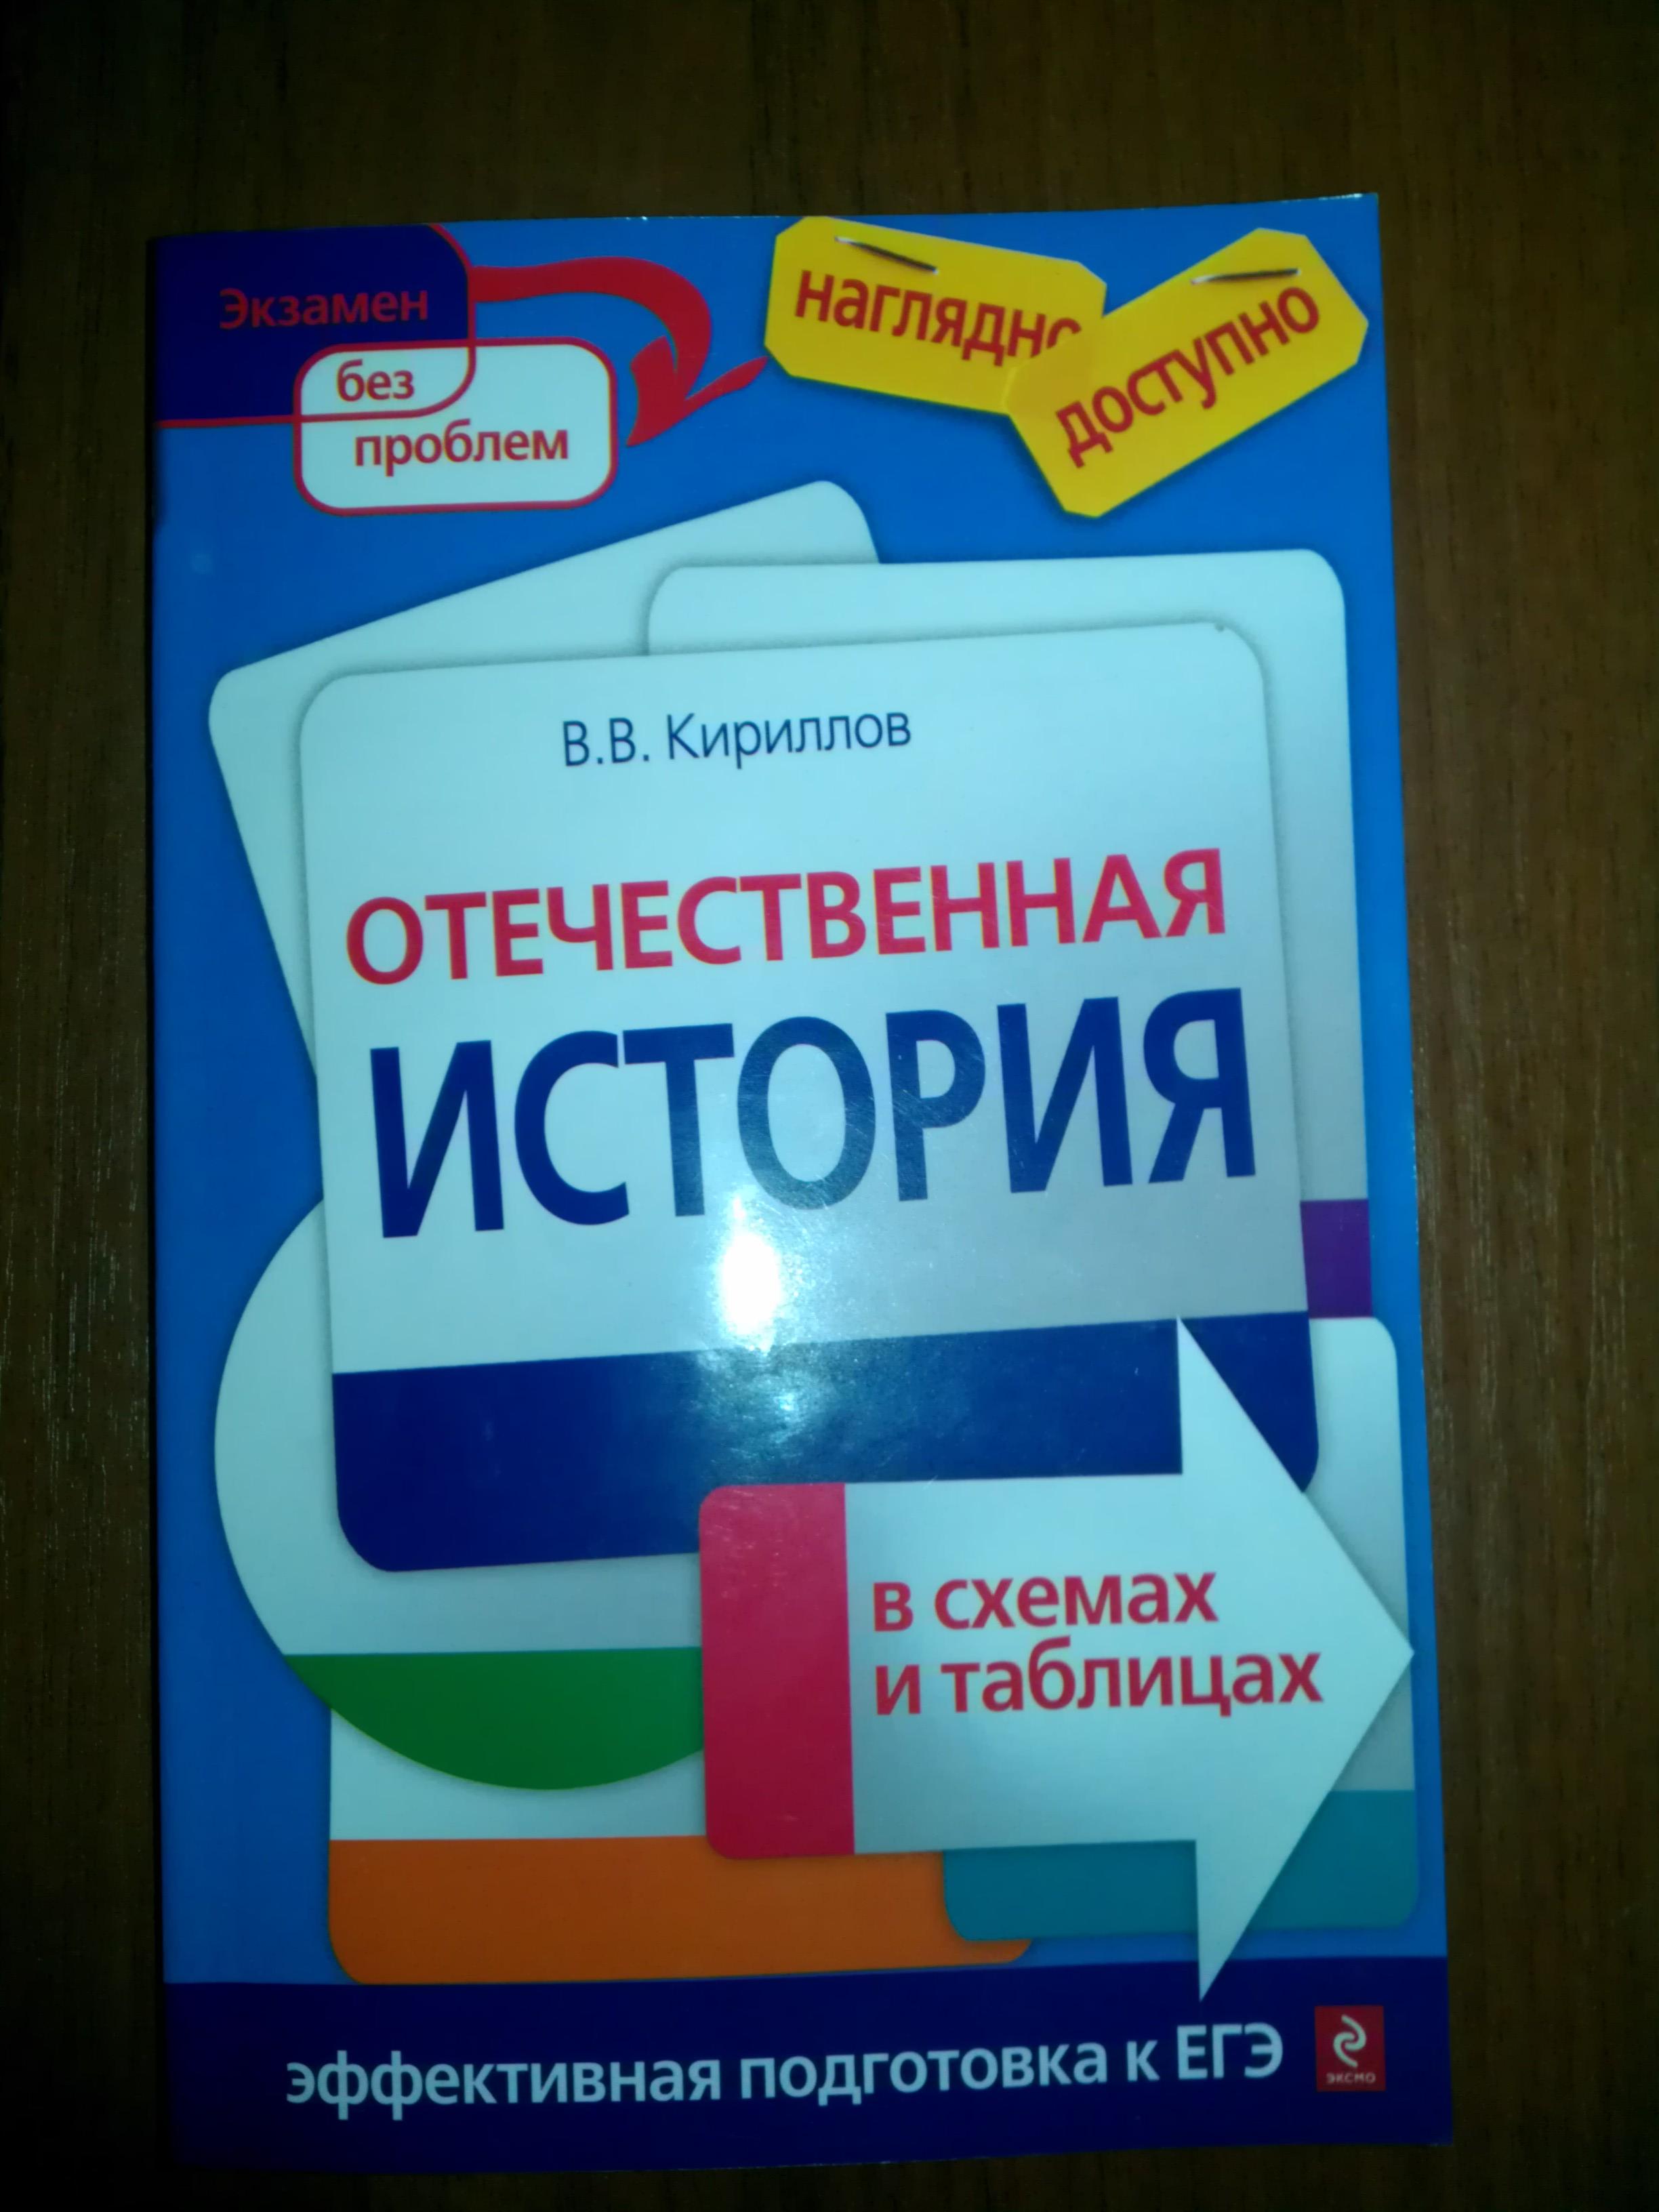 Кириллов история россии скачать бесплатно книгу